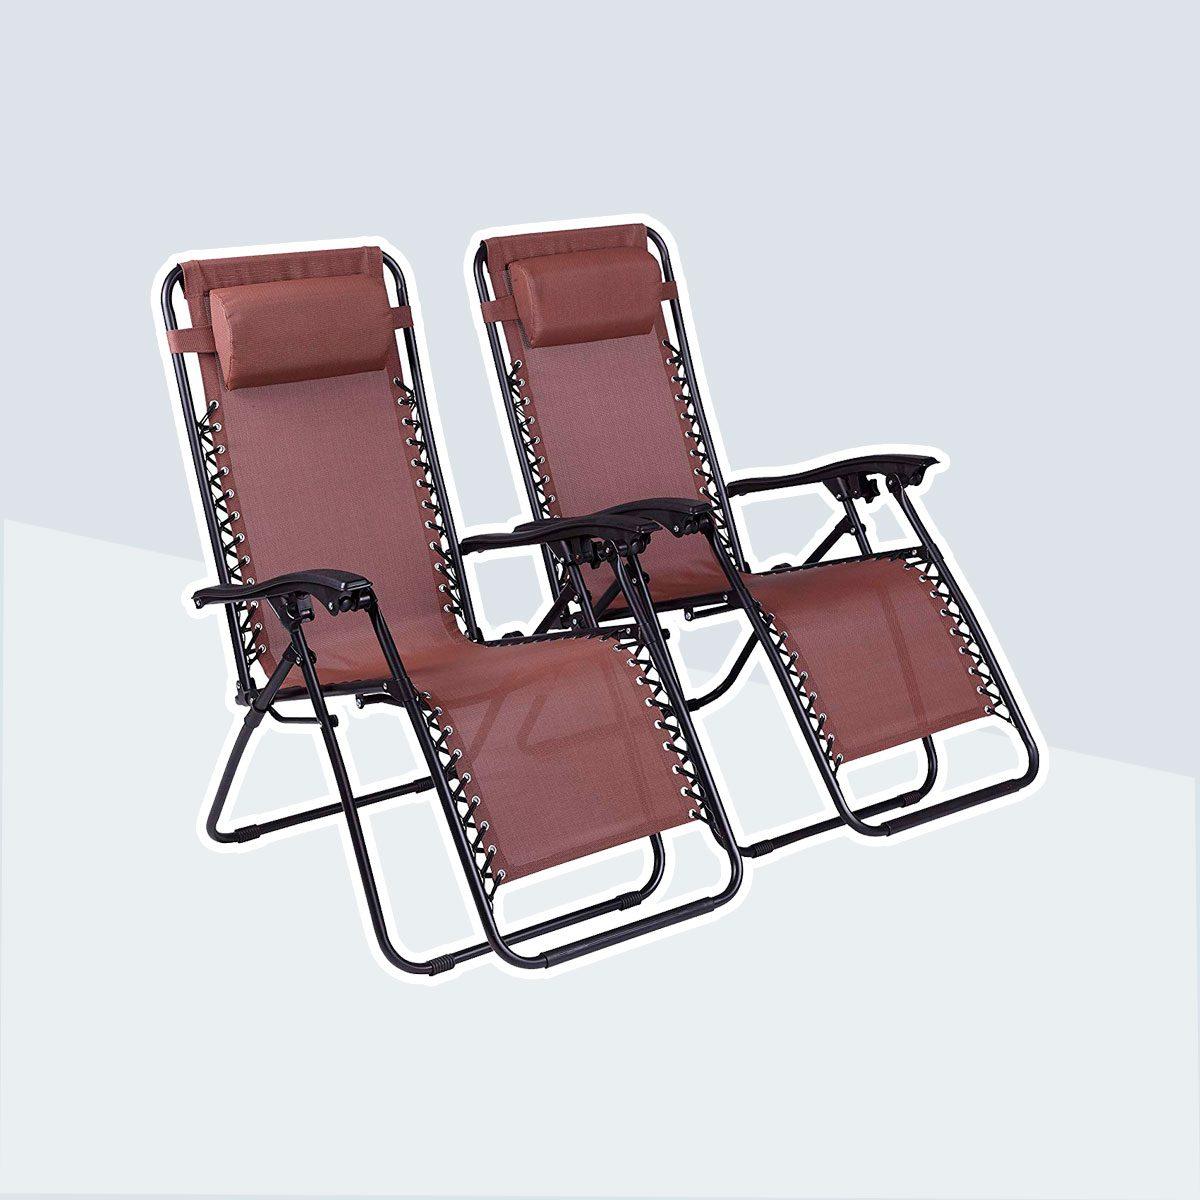 Naomi Home Zero-Gravity Patio Recliner Chairs